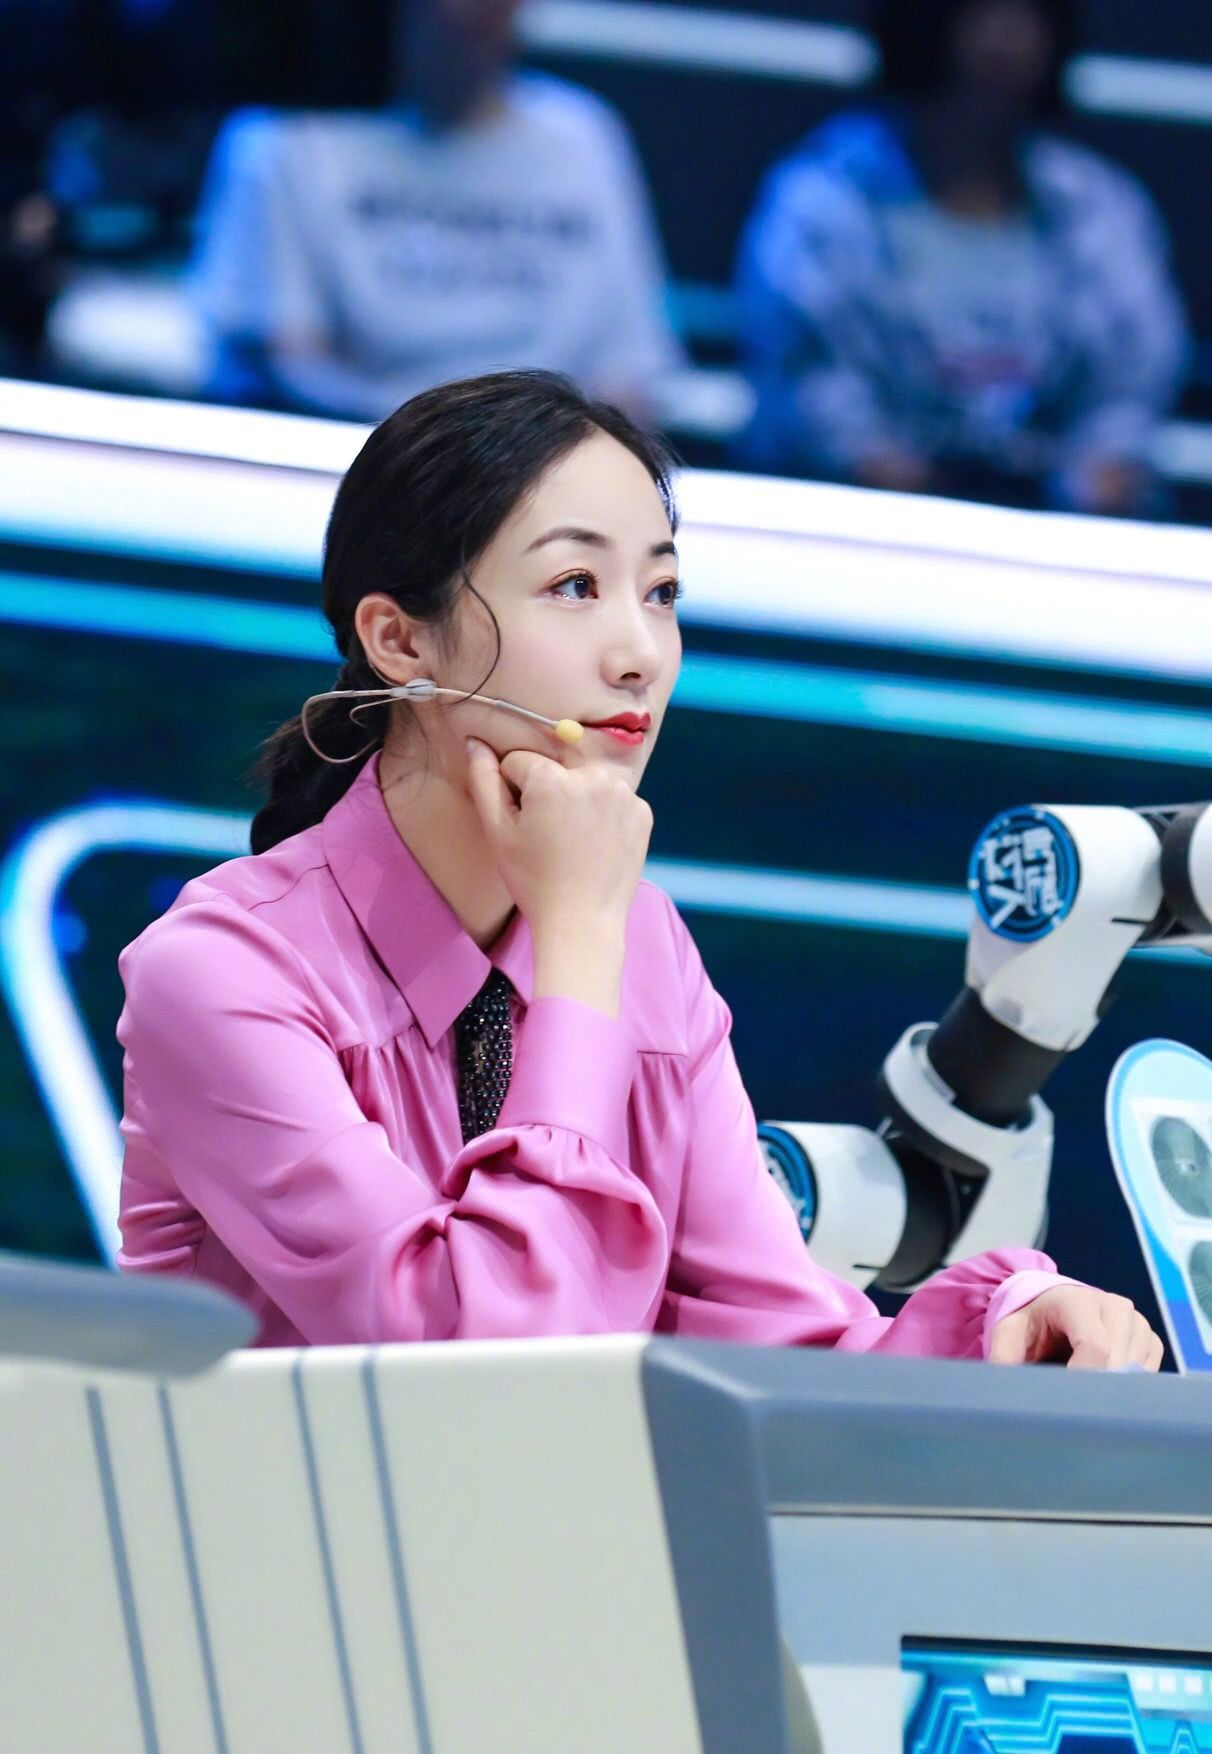 CCTV-1《机智过人》人工智能烹饪缔造美味韩雪高度饮食自律